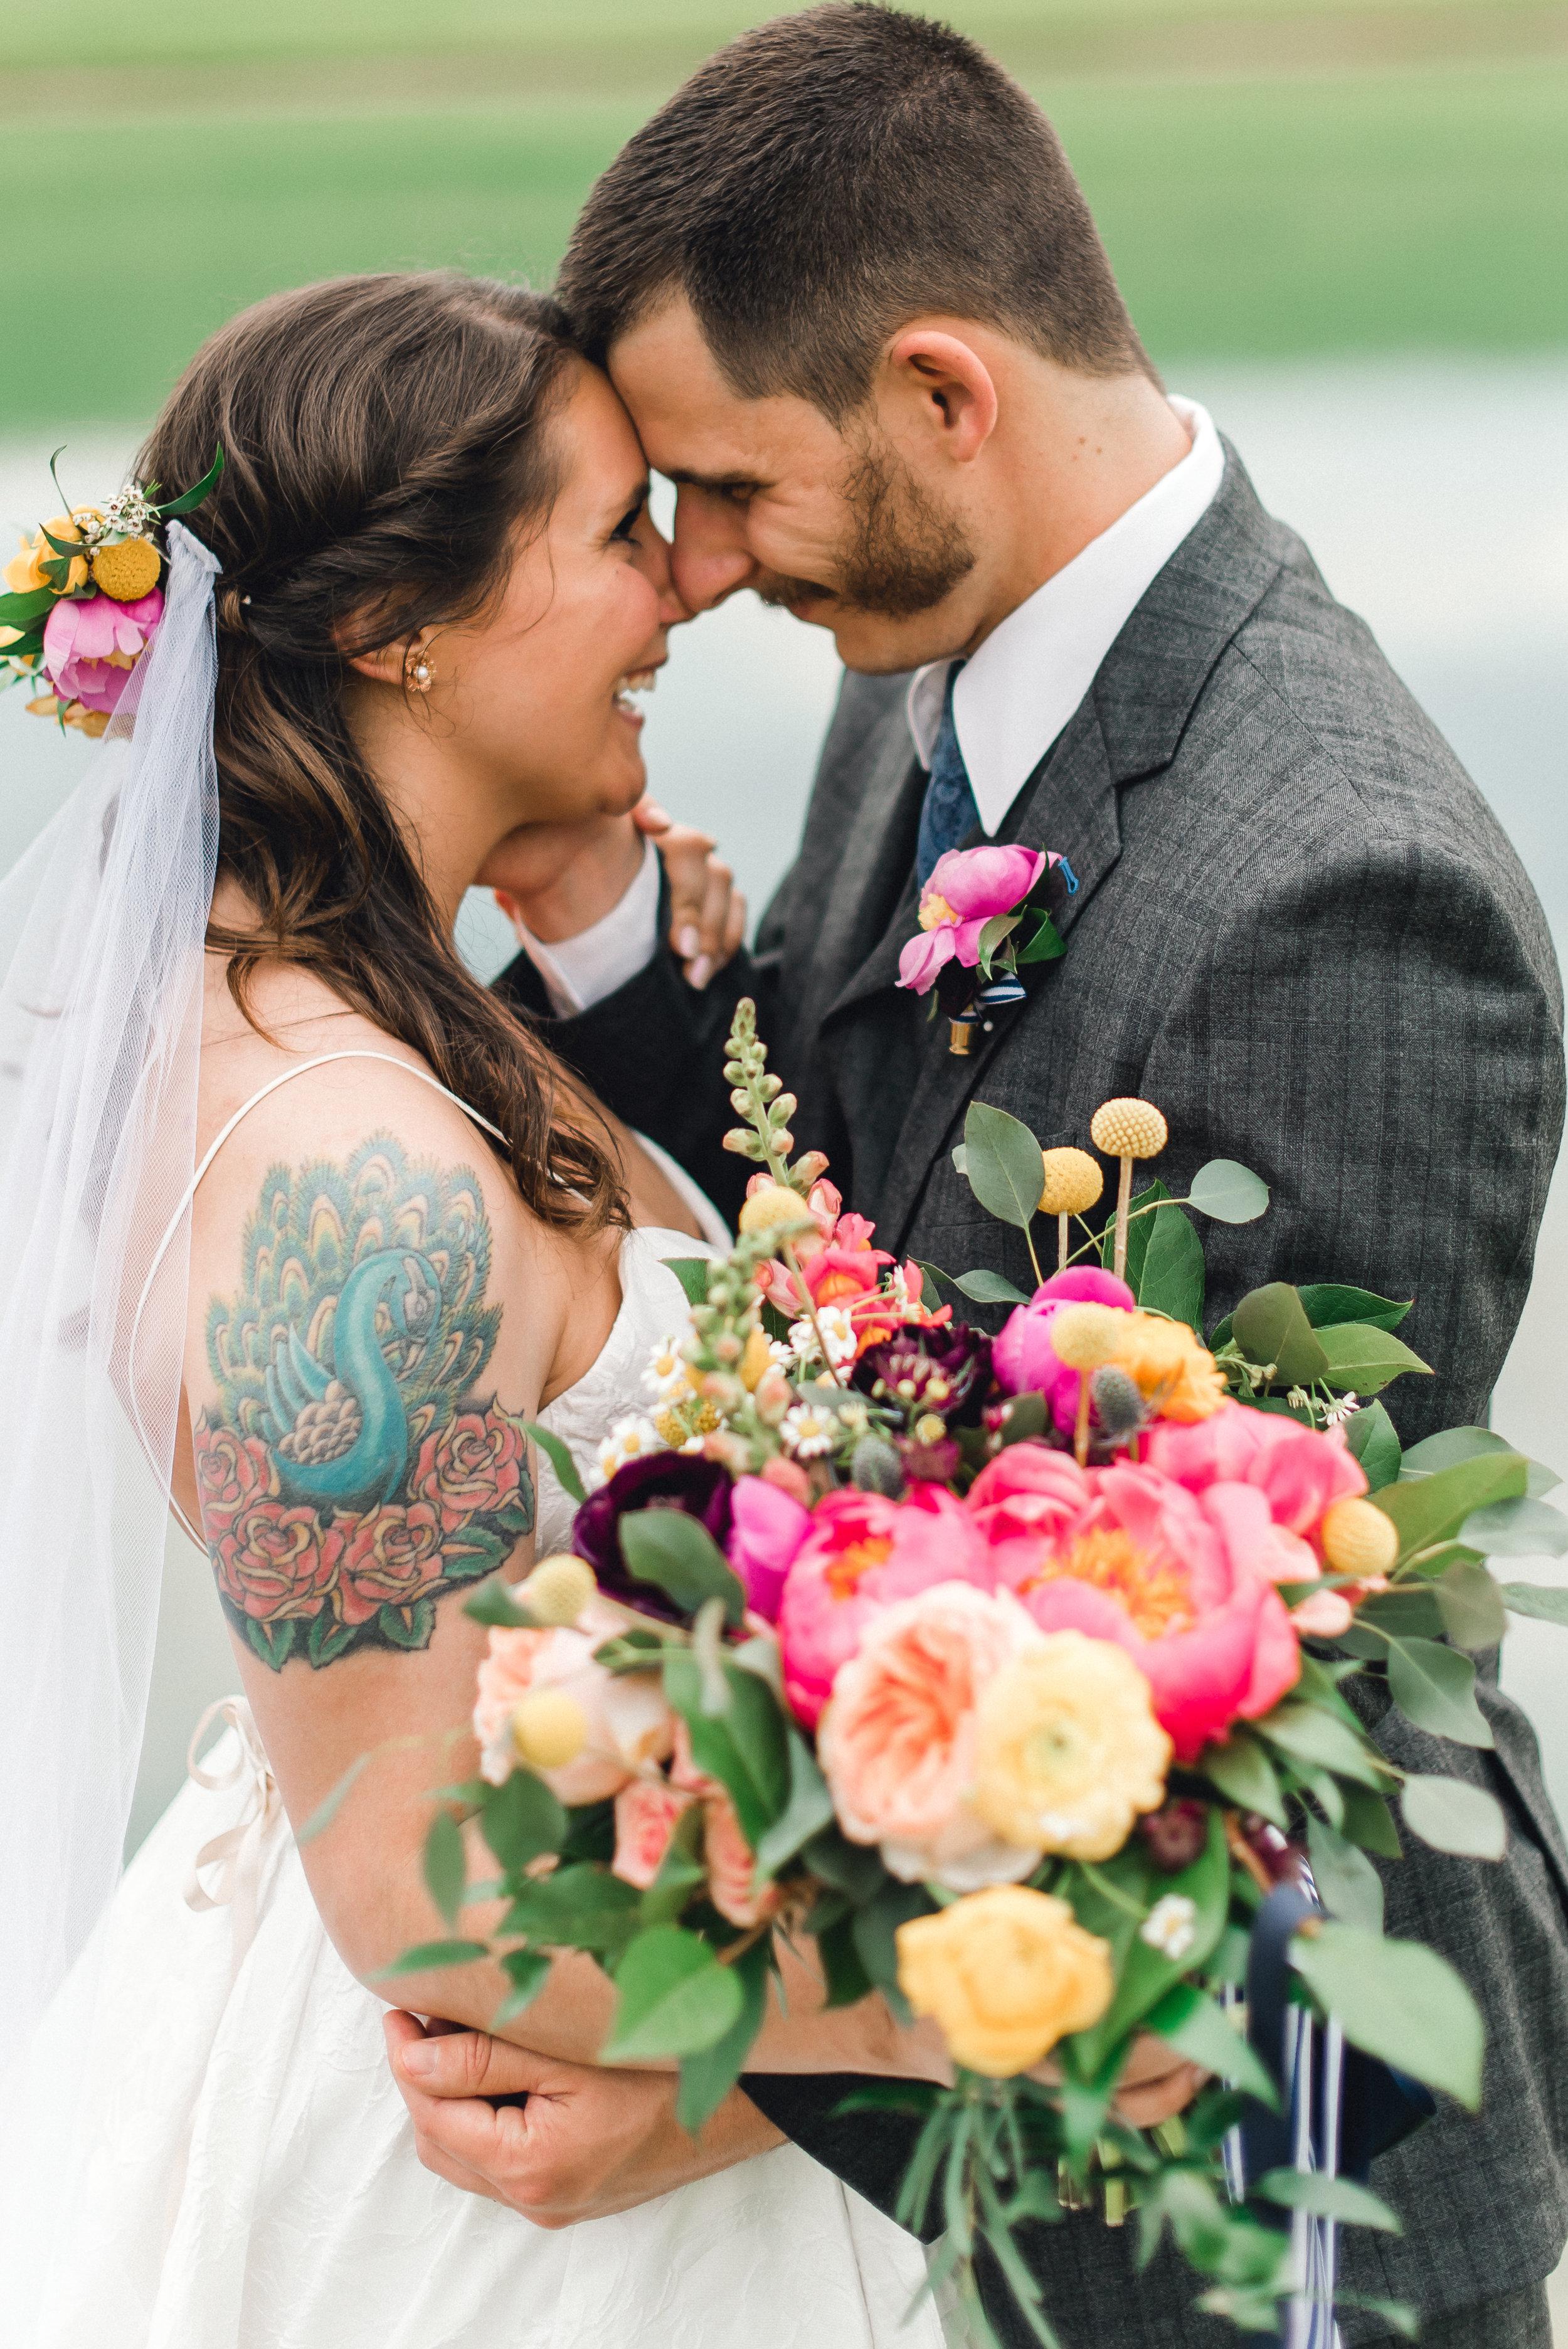 pittsburgh-wedding-bramblewood-farm-barn-wes-anderson-0034.jpg